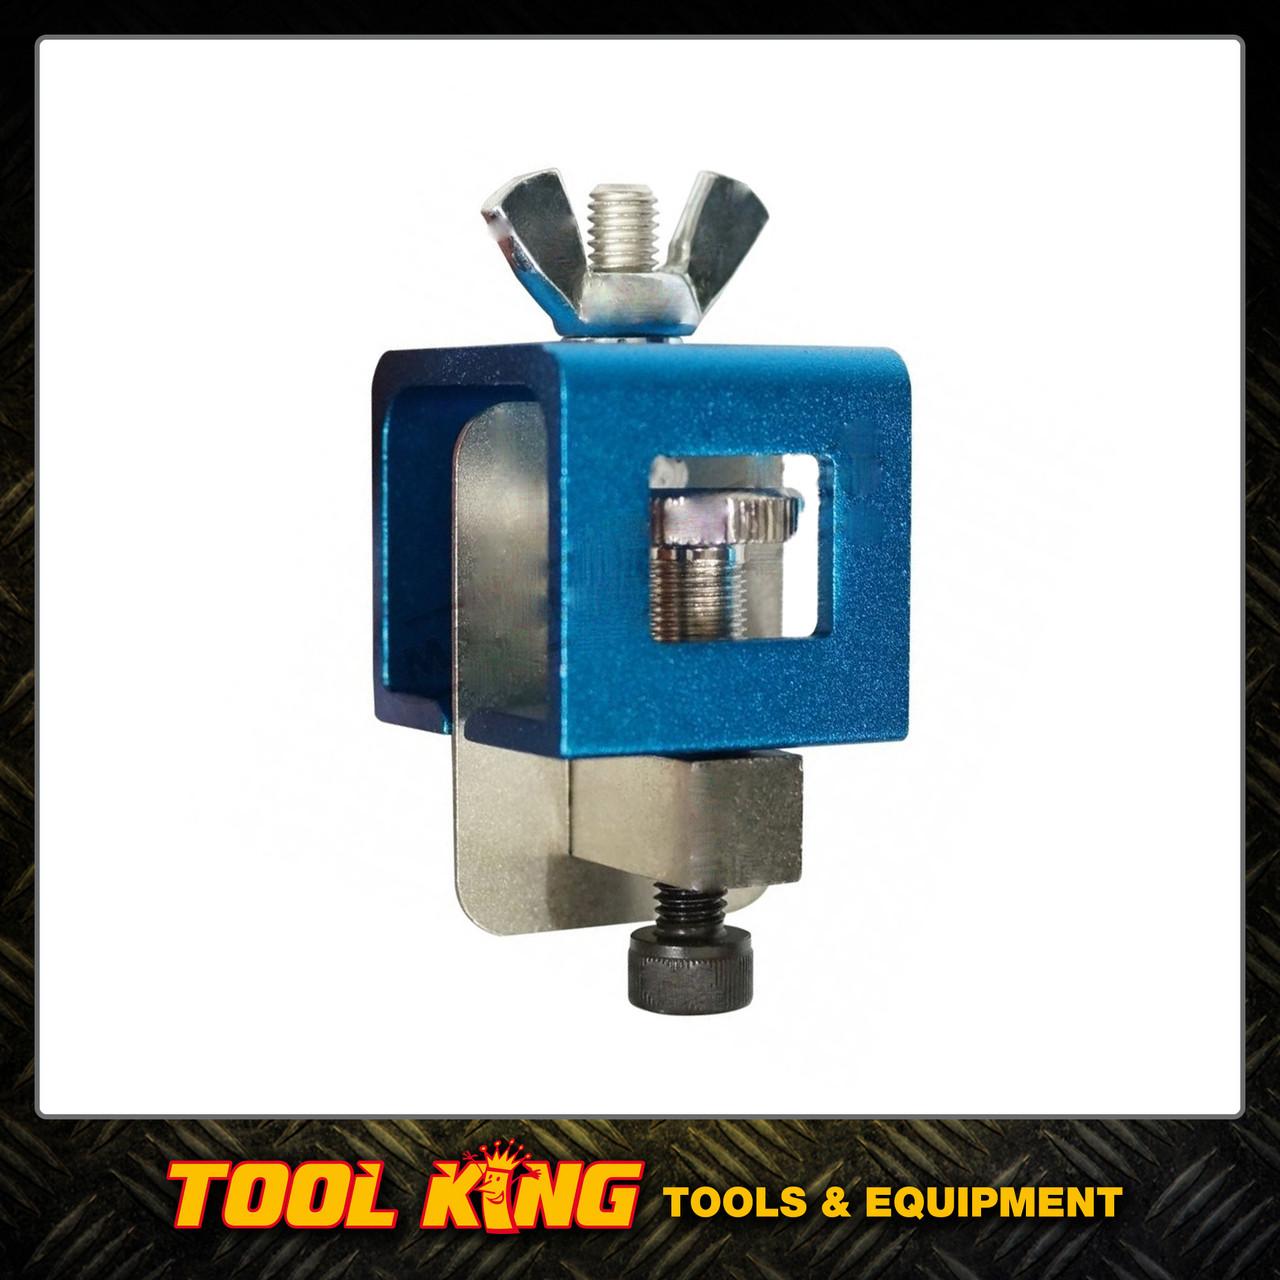 Butt welding clamp set 4pc